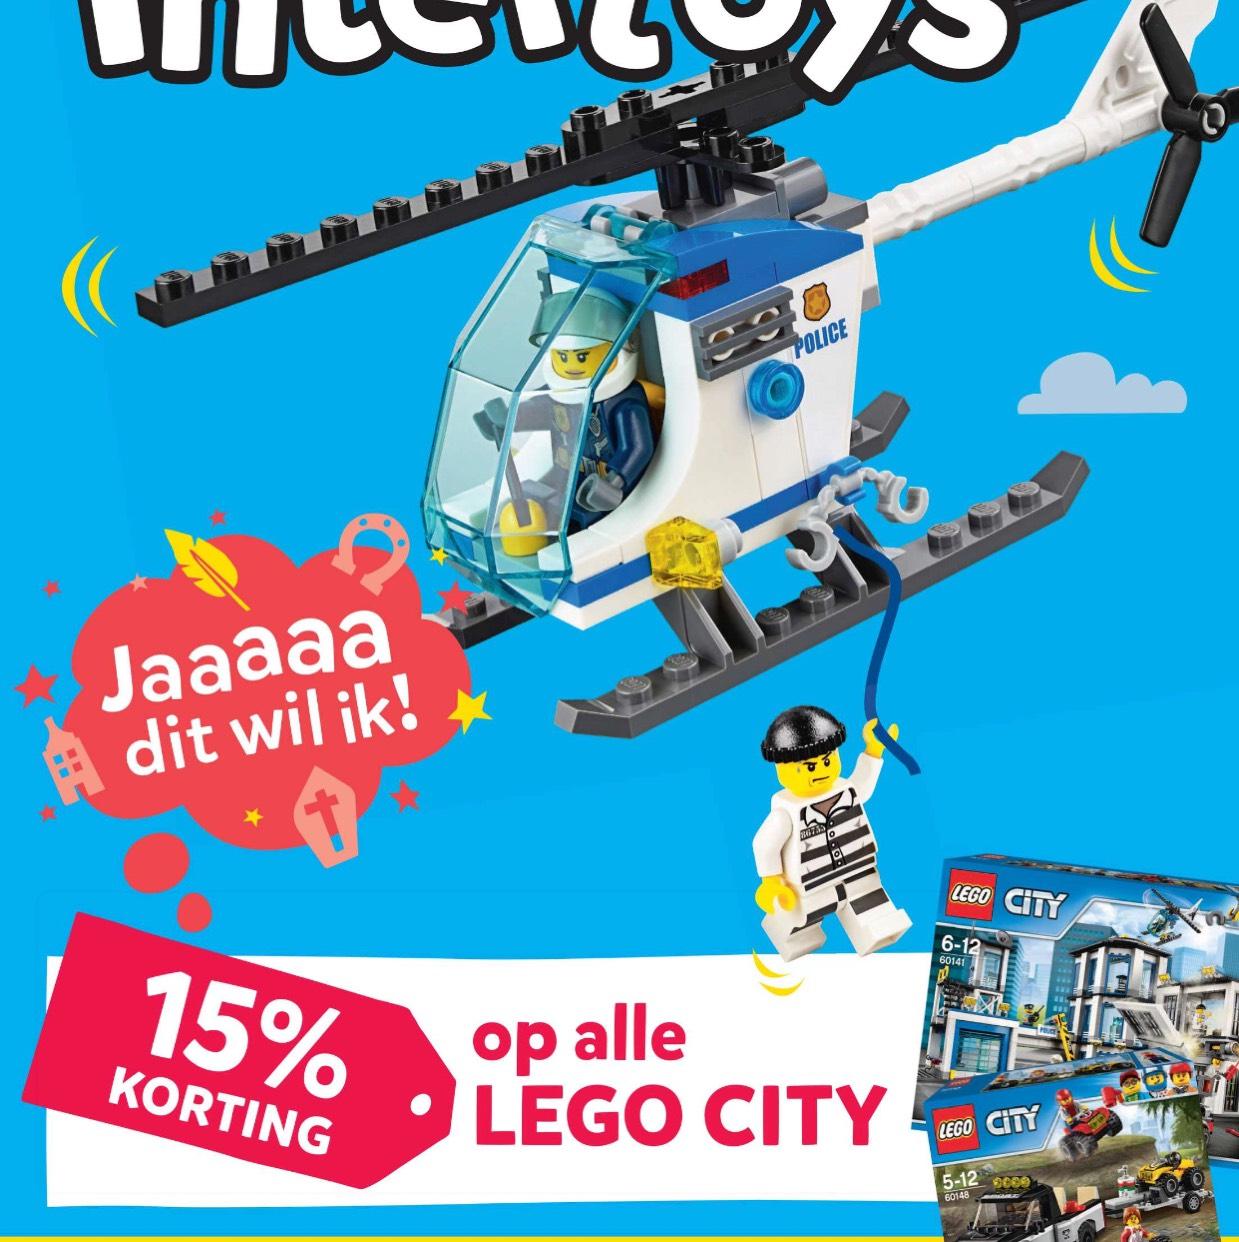 15% korting op alle Lego City bij Intertoys